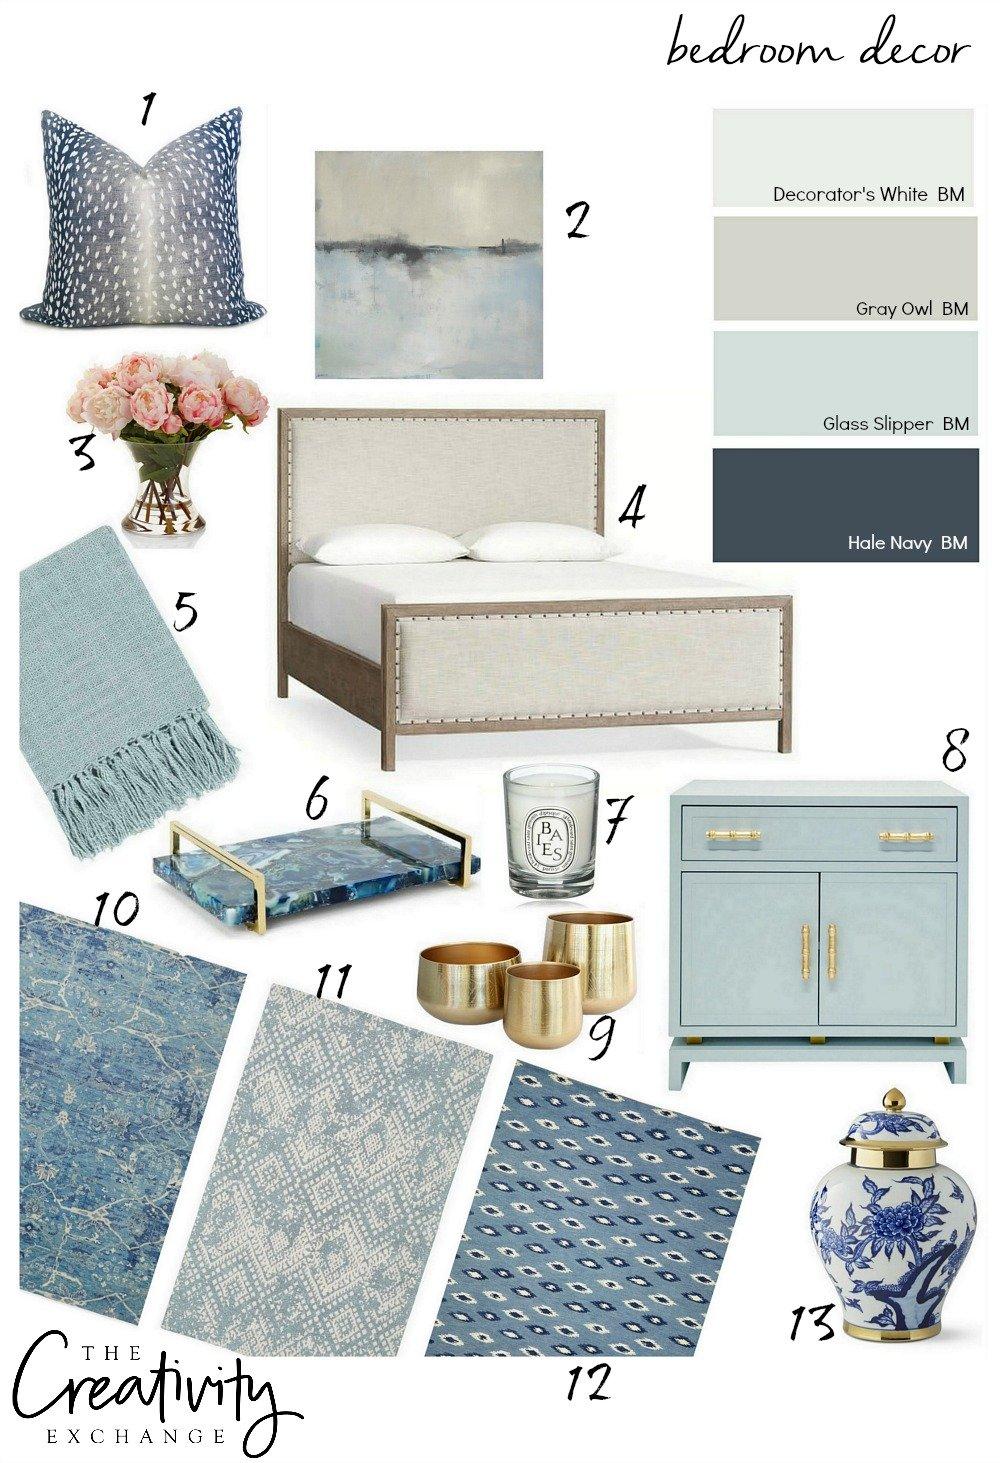 Beautiful bedroom decor ideas. Design board